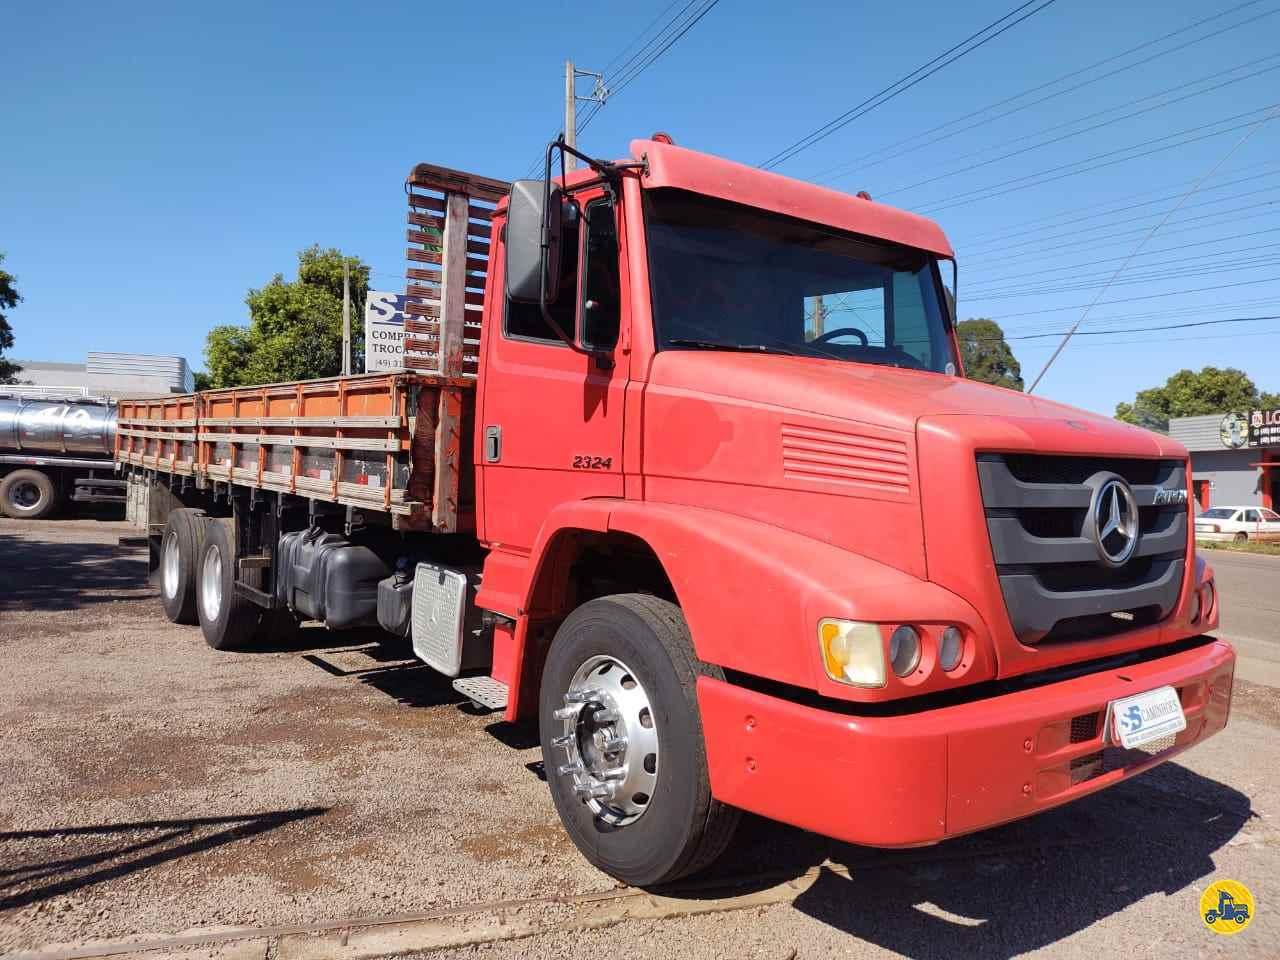 CAMINHAO MERCEDES-BENZ MB 2324 Graneleiro Truck 6x2 SS Caminhões SAO MIGUEL DO OESTE SANTA CATARINA SC